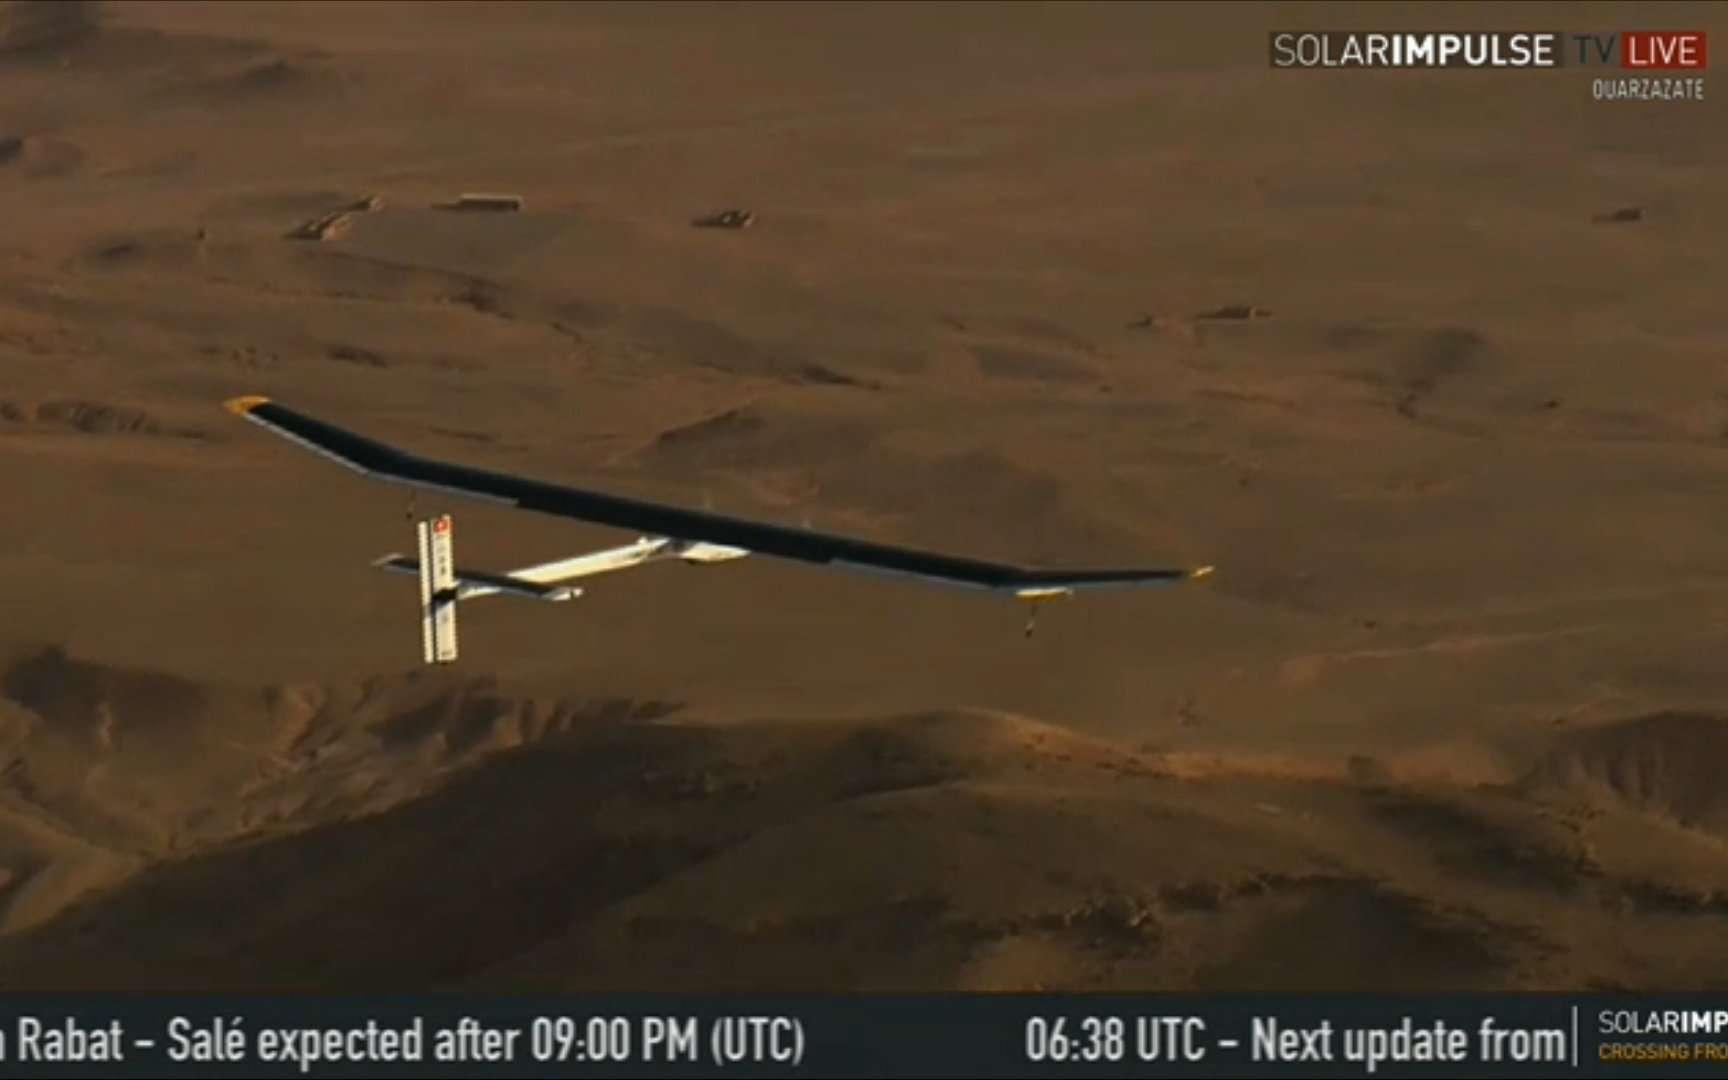 L'avion solaire HB-SIA, de Solar Impulse, aux mains d'André Borschberg, peu après son décollage de Ouarzazate. L'appareil, en route vers Rabat, est en train de monter pour franchir la chaîne de l'Atlas marocain. © Solar Impulse